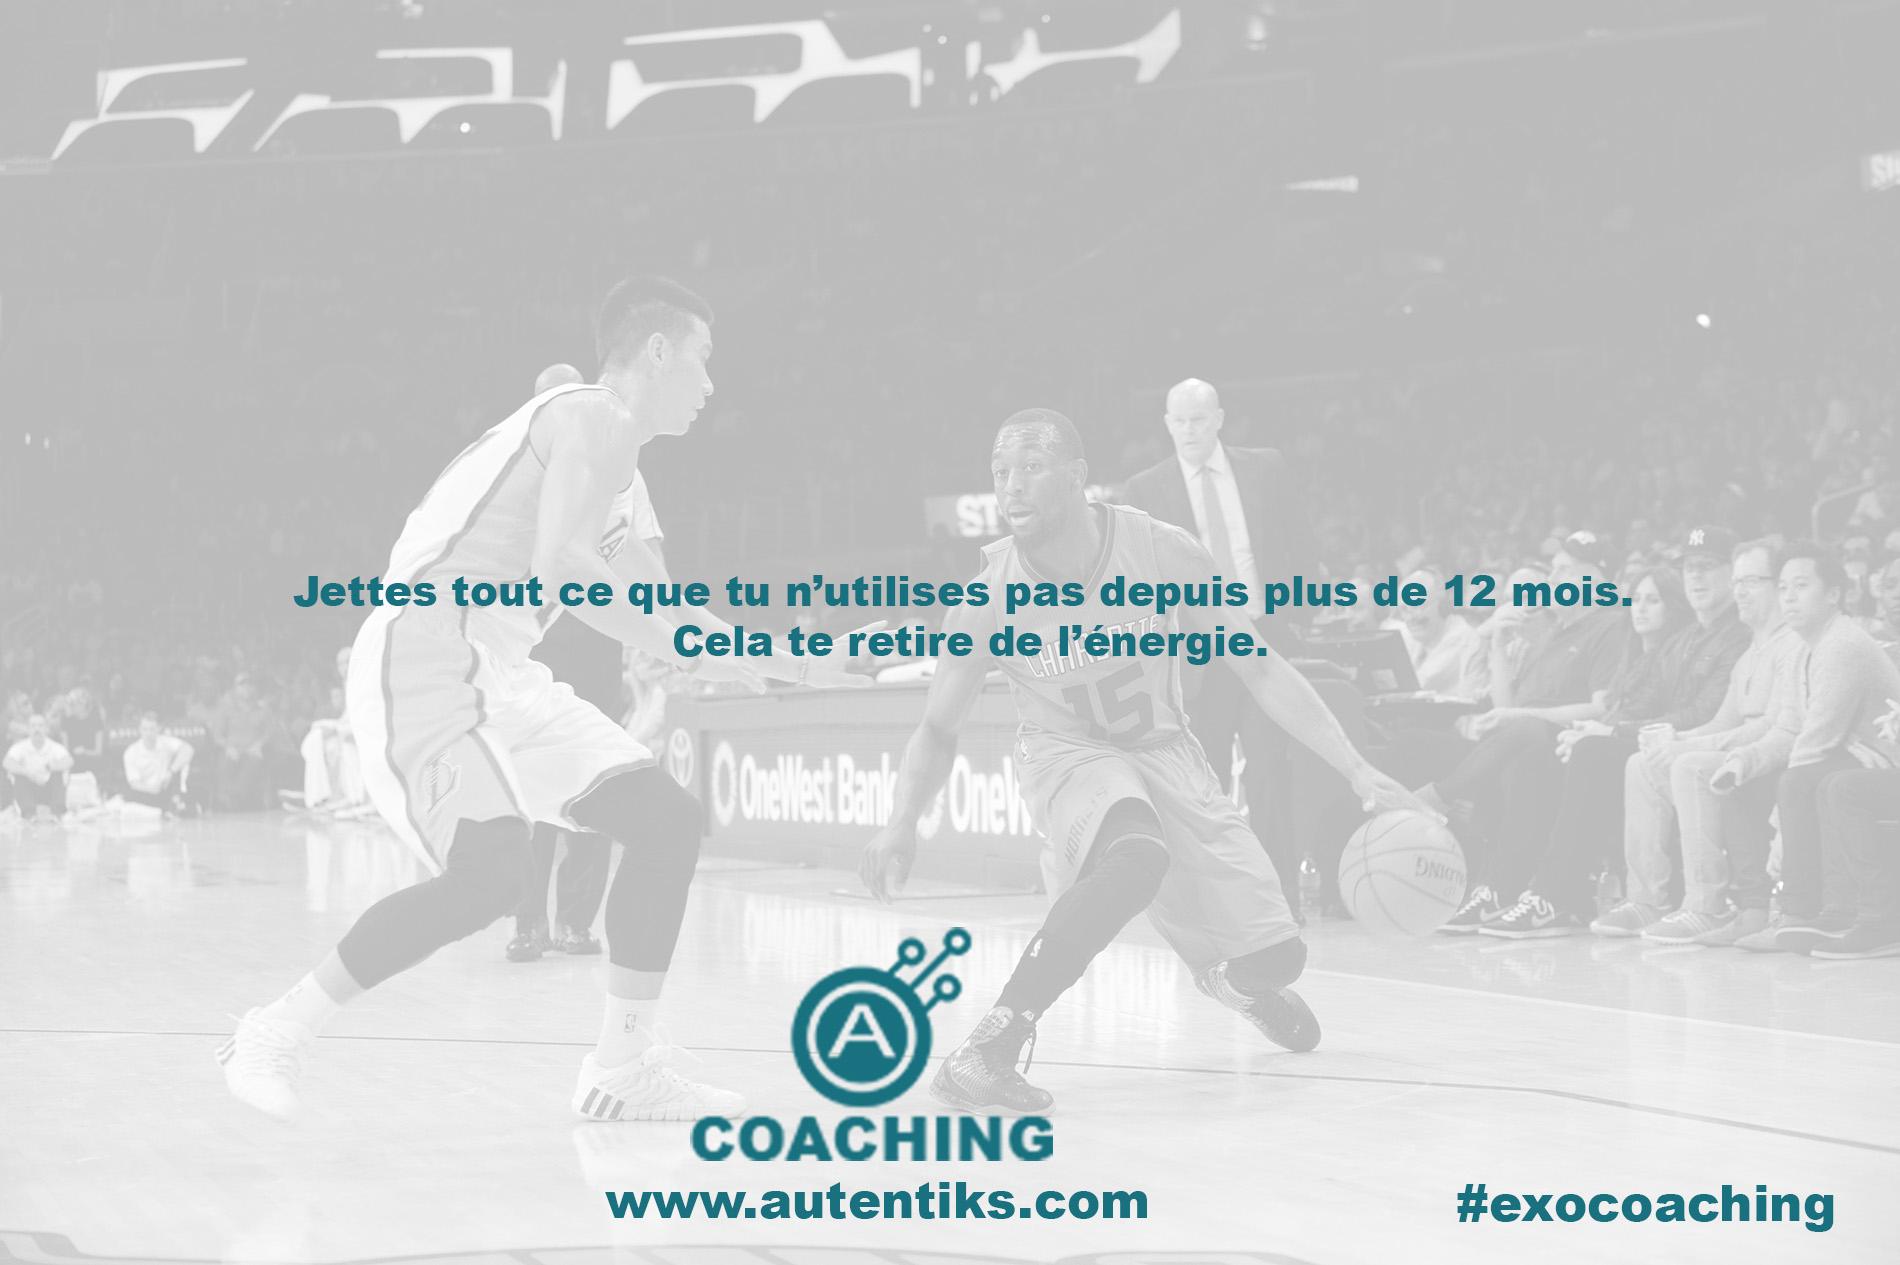 Semaine 15 – Exercice de Coaching